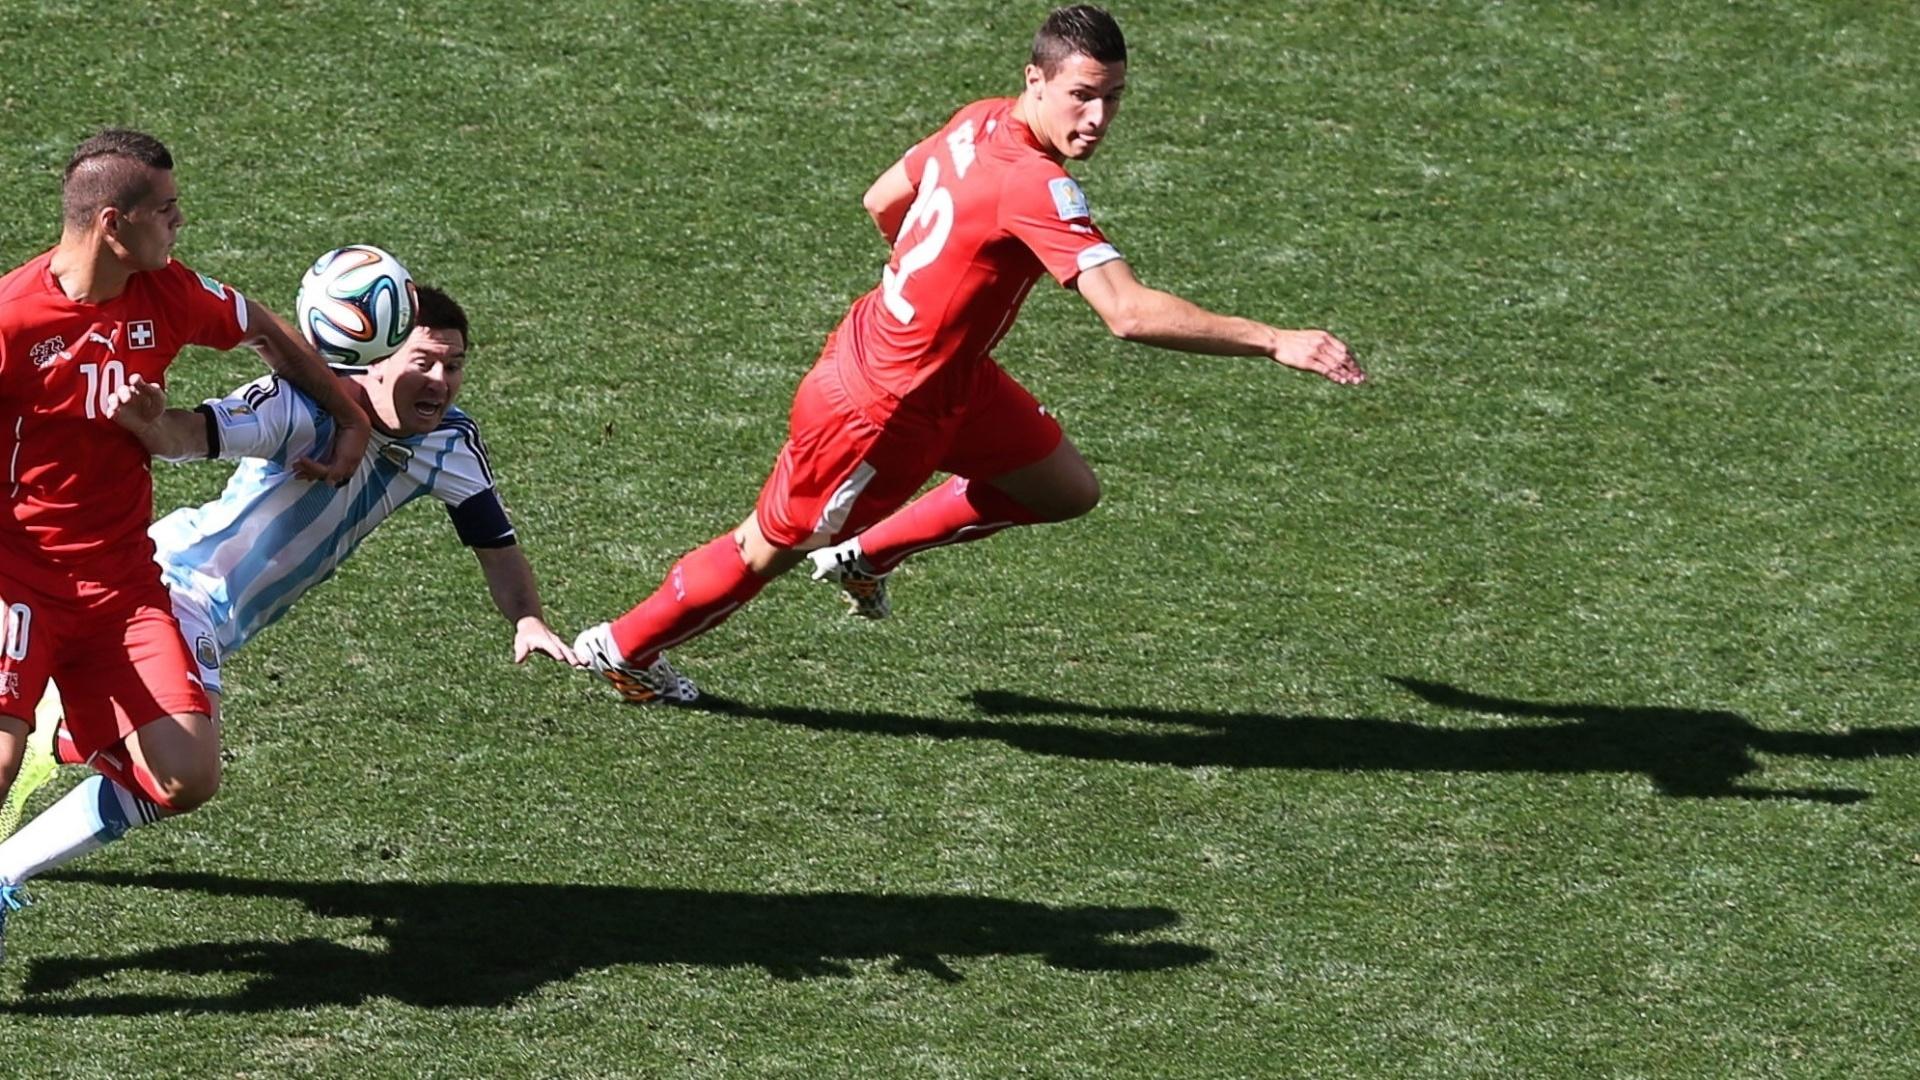 01.jul.2014 - Argentino Messi e Granit Xhaka, da Suíça, brigam pela bola durante o jogo no Itaquerão